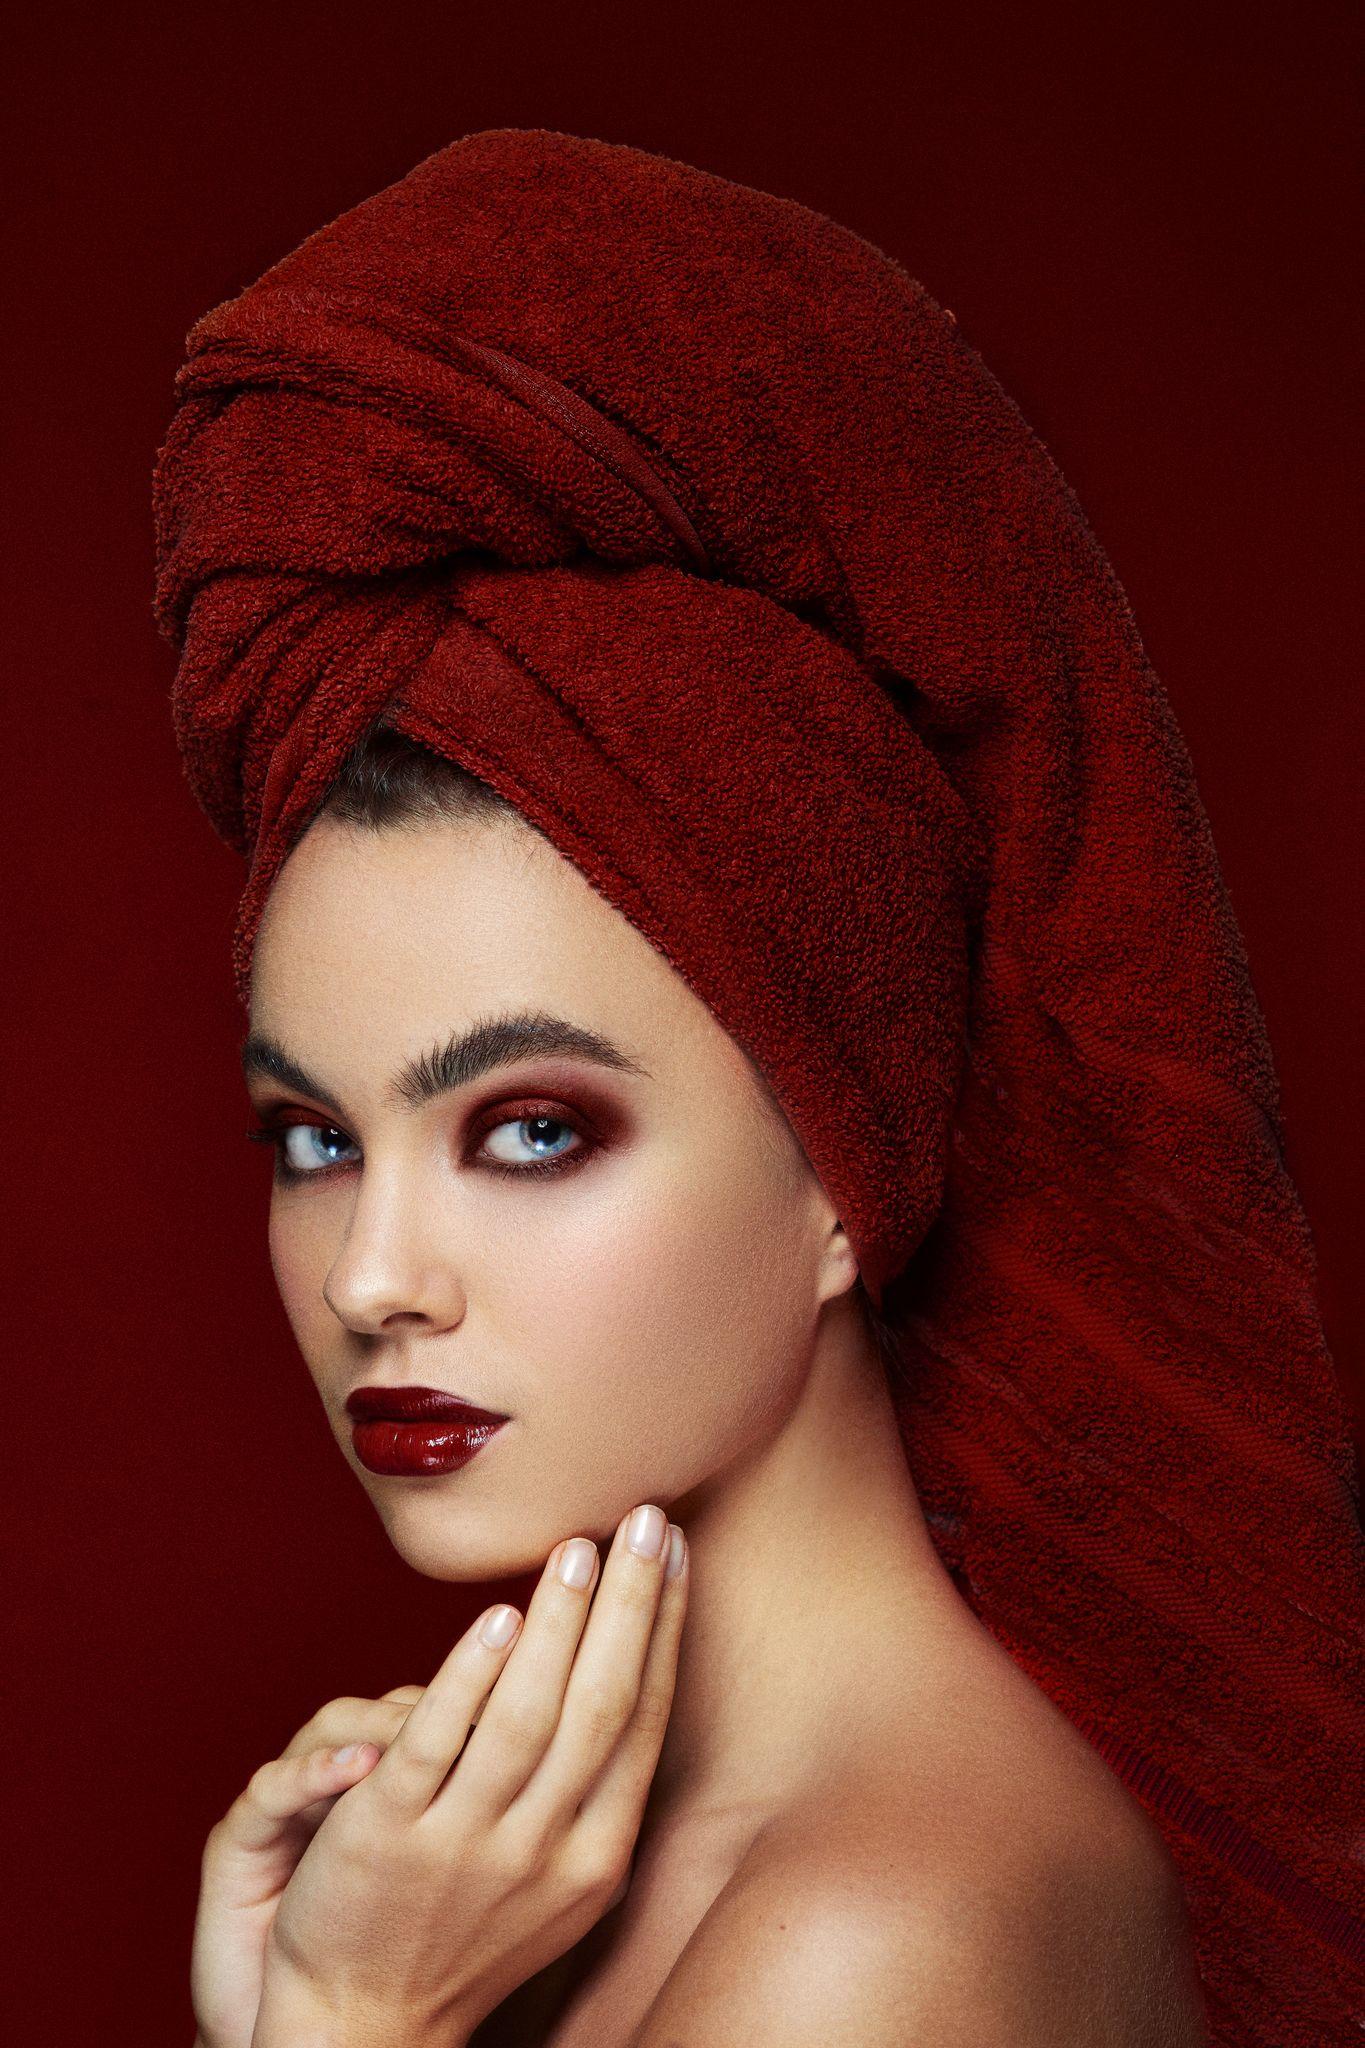 Maquillage rouge bordeaux